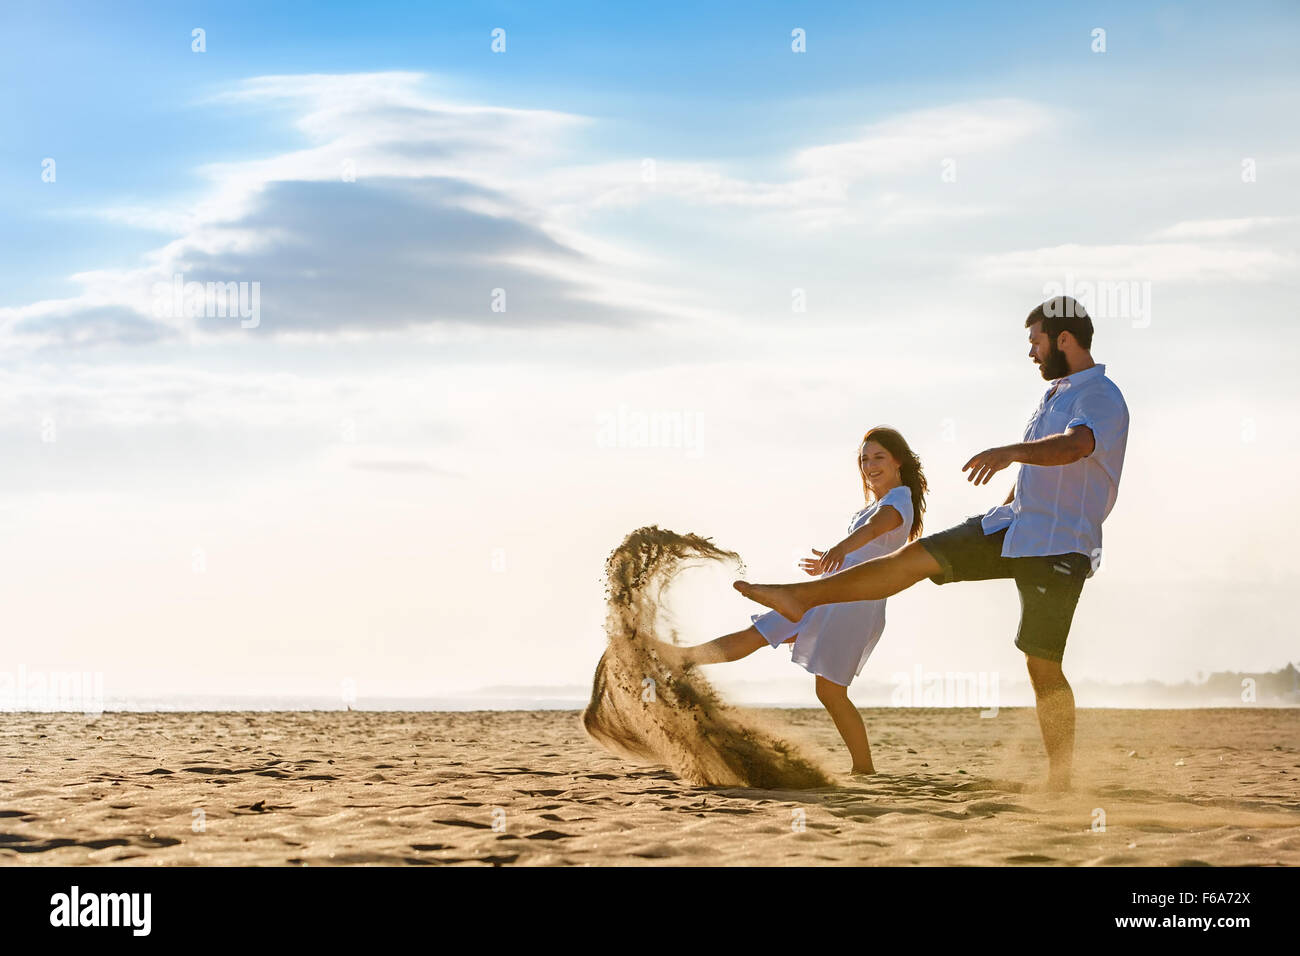 Glücklich Frischvermählten Familie Flitterwochen Urlaub - nur verheiratet liebevolle Frau und Mann mit Spaß am Meer Stockfoto